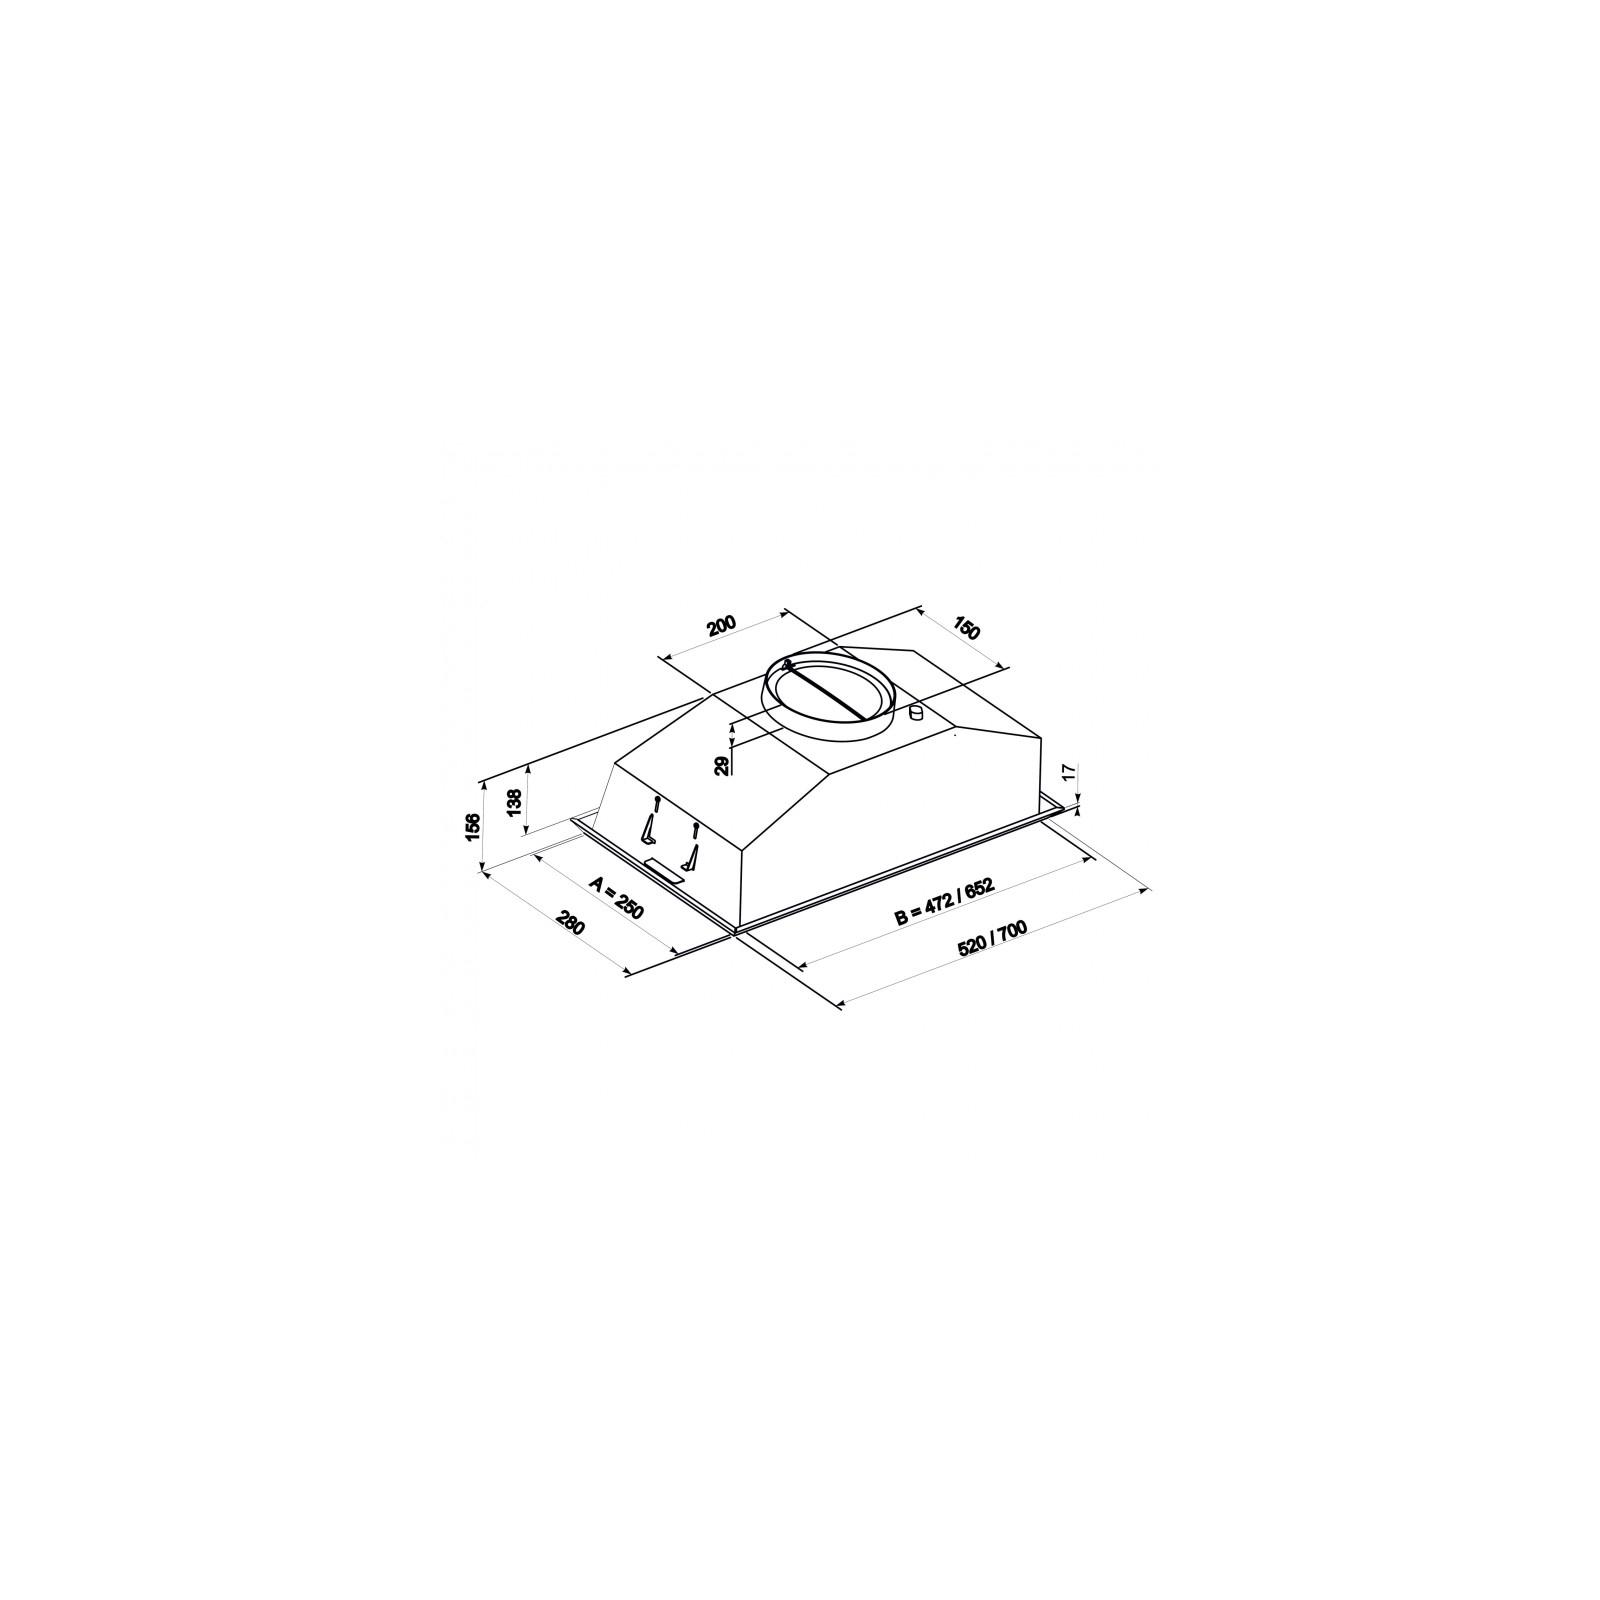 Вытяжка кухонная Eleyus Modul 700 52 IS изображение 9